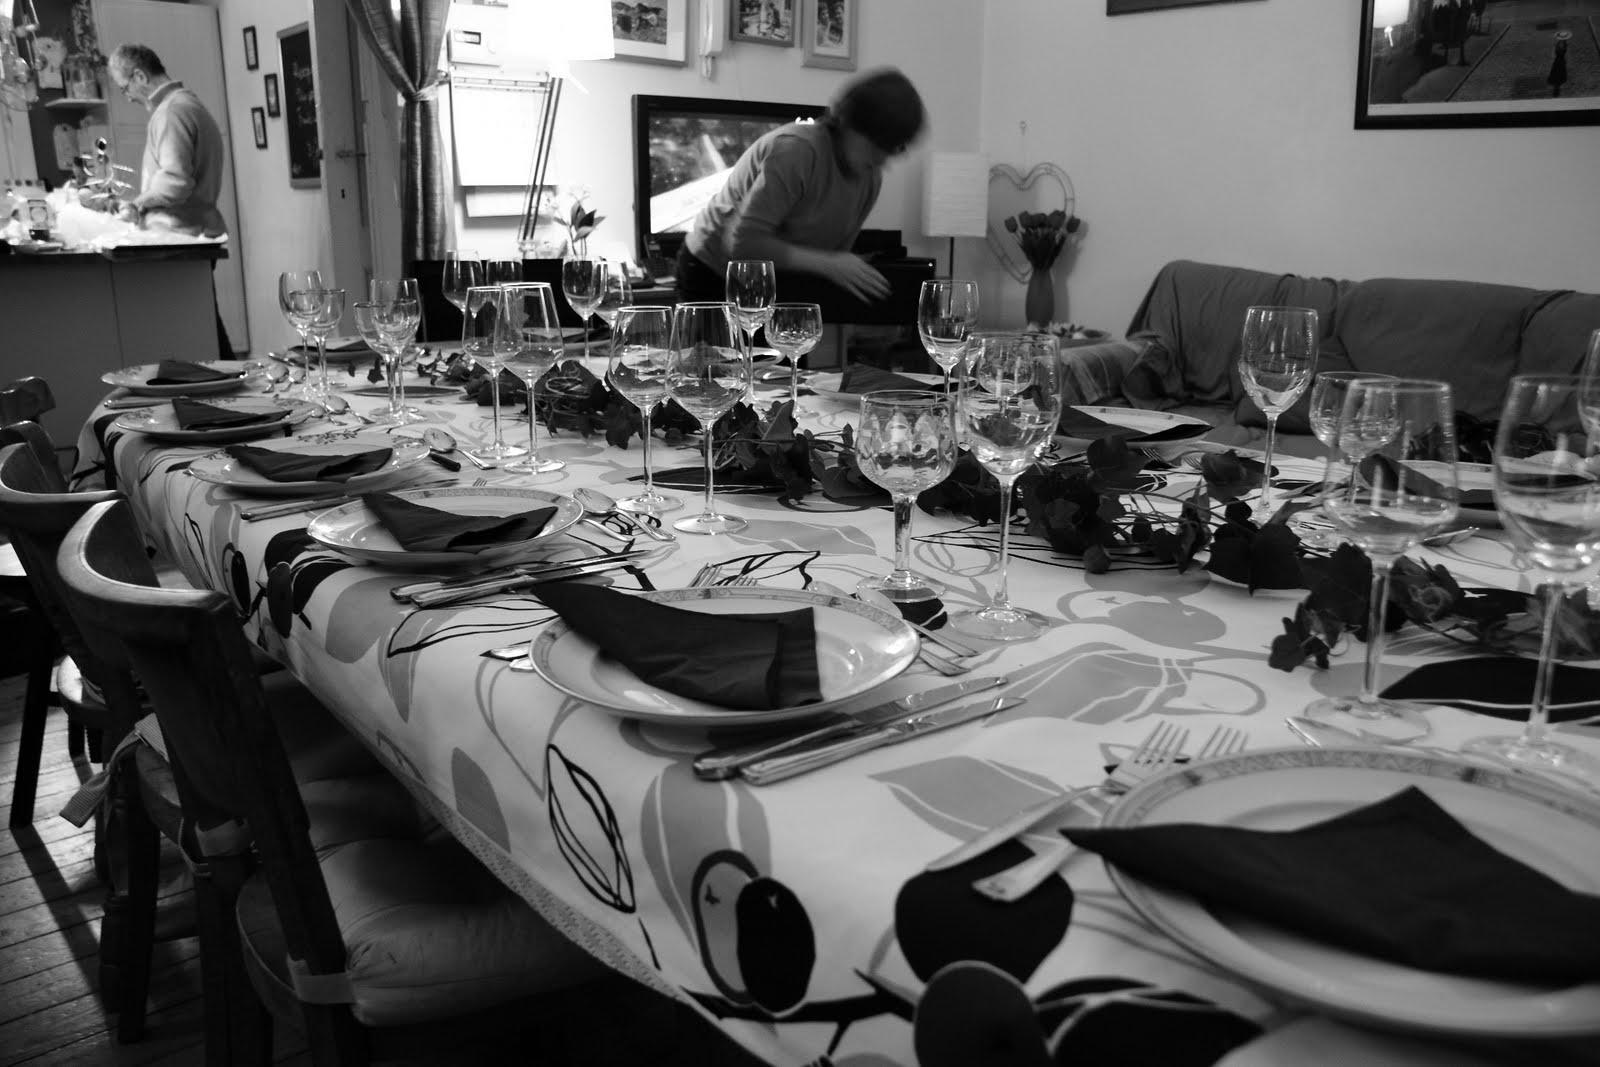 Casseroles couteaux cuisine recettes plaisir la table lors d 39 une t - Monter une table d hote ...